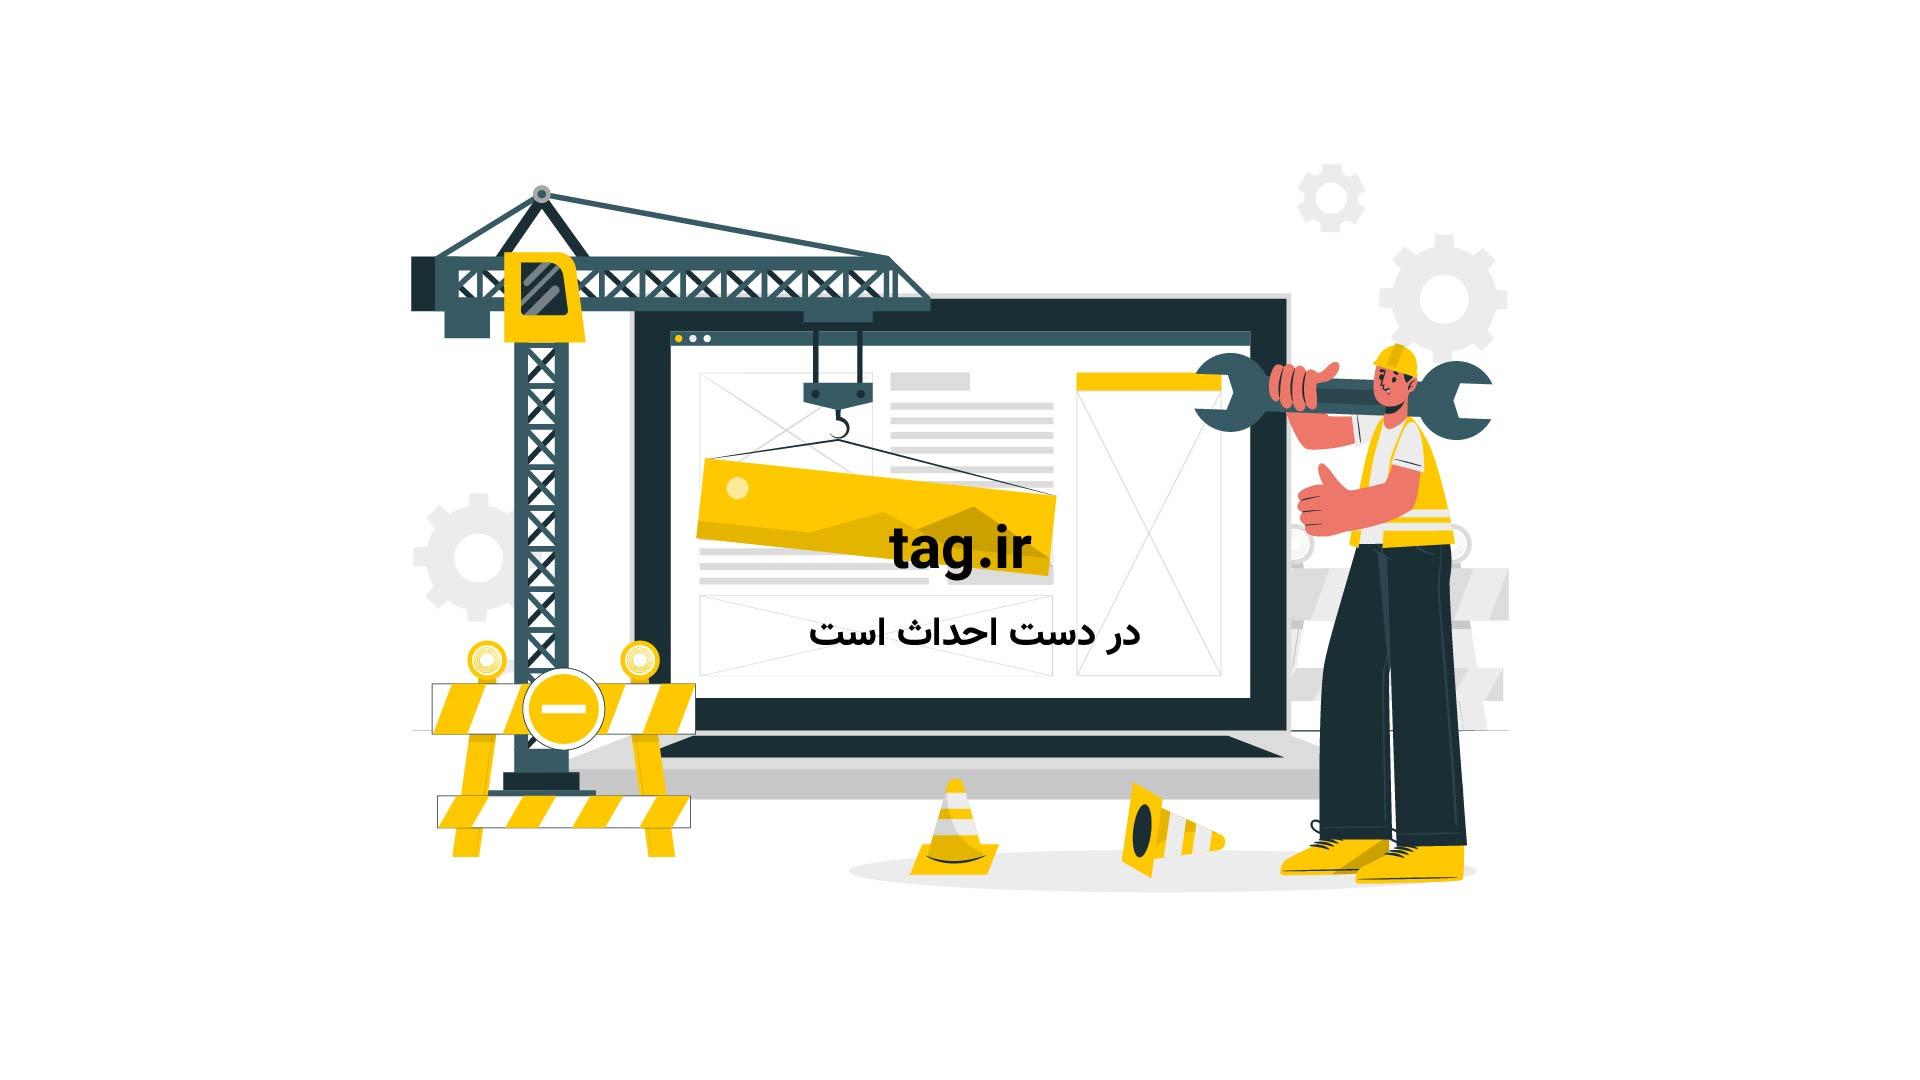 کیوی پرنده بومی نیوزیلند | تگ